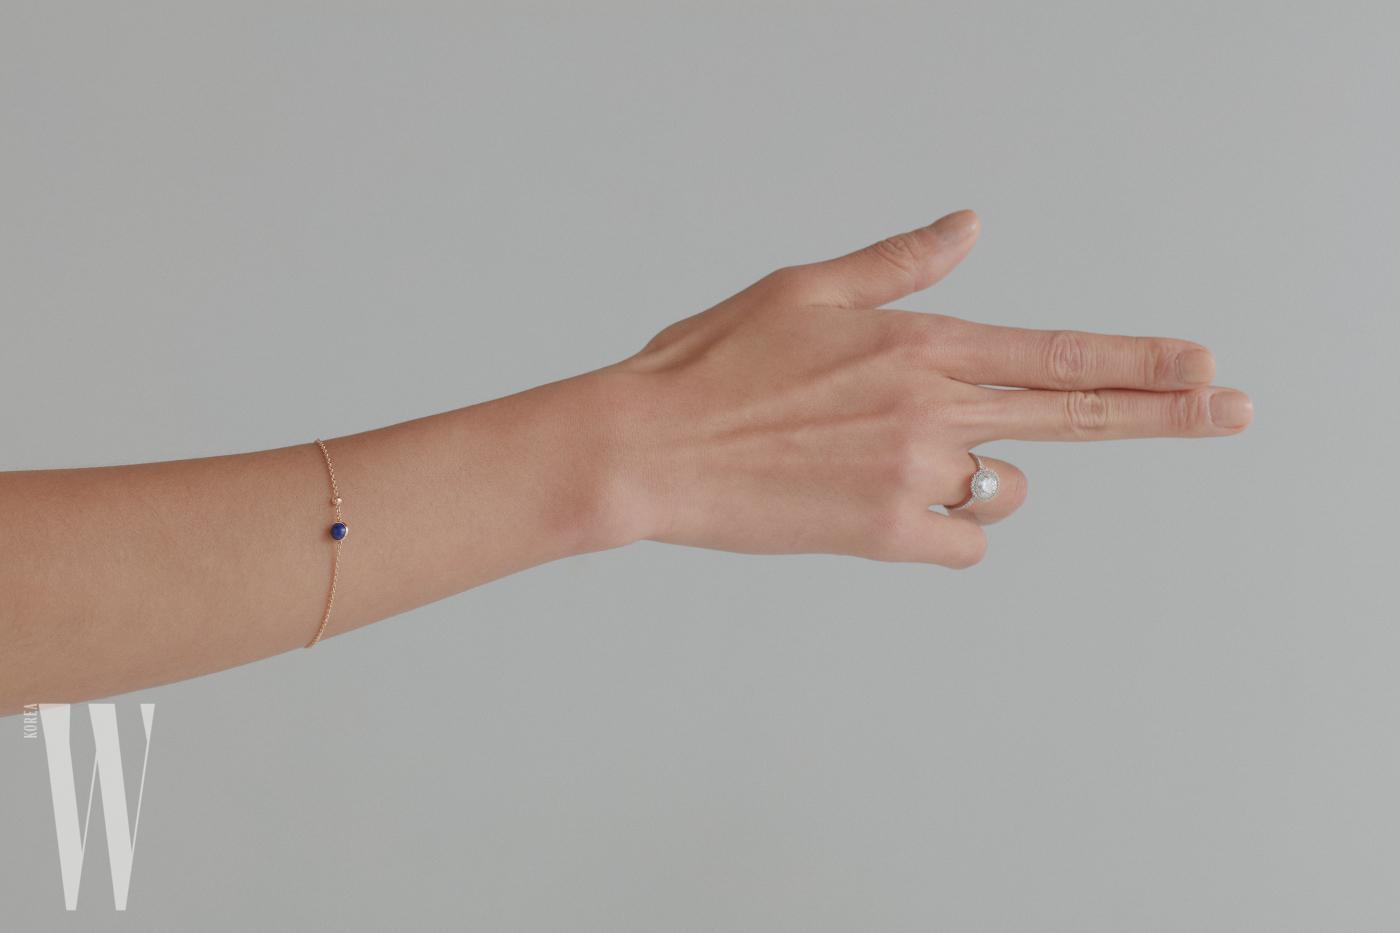 핑크 골드 체인에 0.05캐럿의 브릴리언트 컷 다이아몬드와 0.99캐럿의 라피스라줄리 비드가 조화를 이룬 포제션 체인 브레이슬릿은 Piaget 제품. 2.43캐럿 다이아몬드 주위로 브릴리언트 컷 다이아몬드 49개가 촘촘하게 세팅된 솔리테어 링은 Piaget 제품.